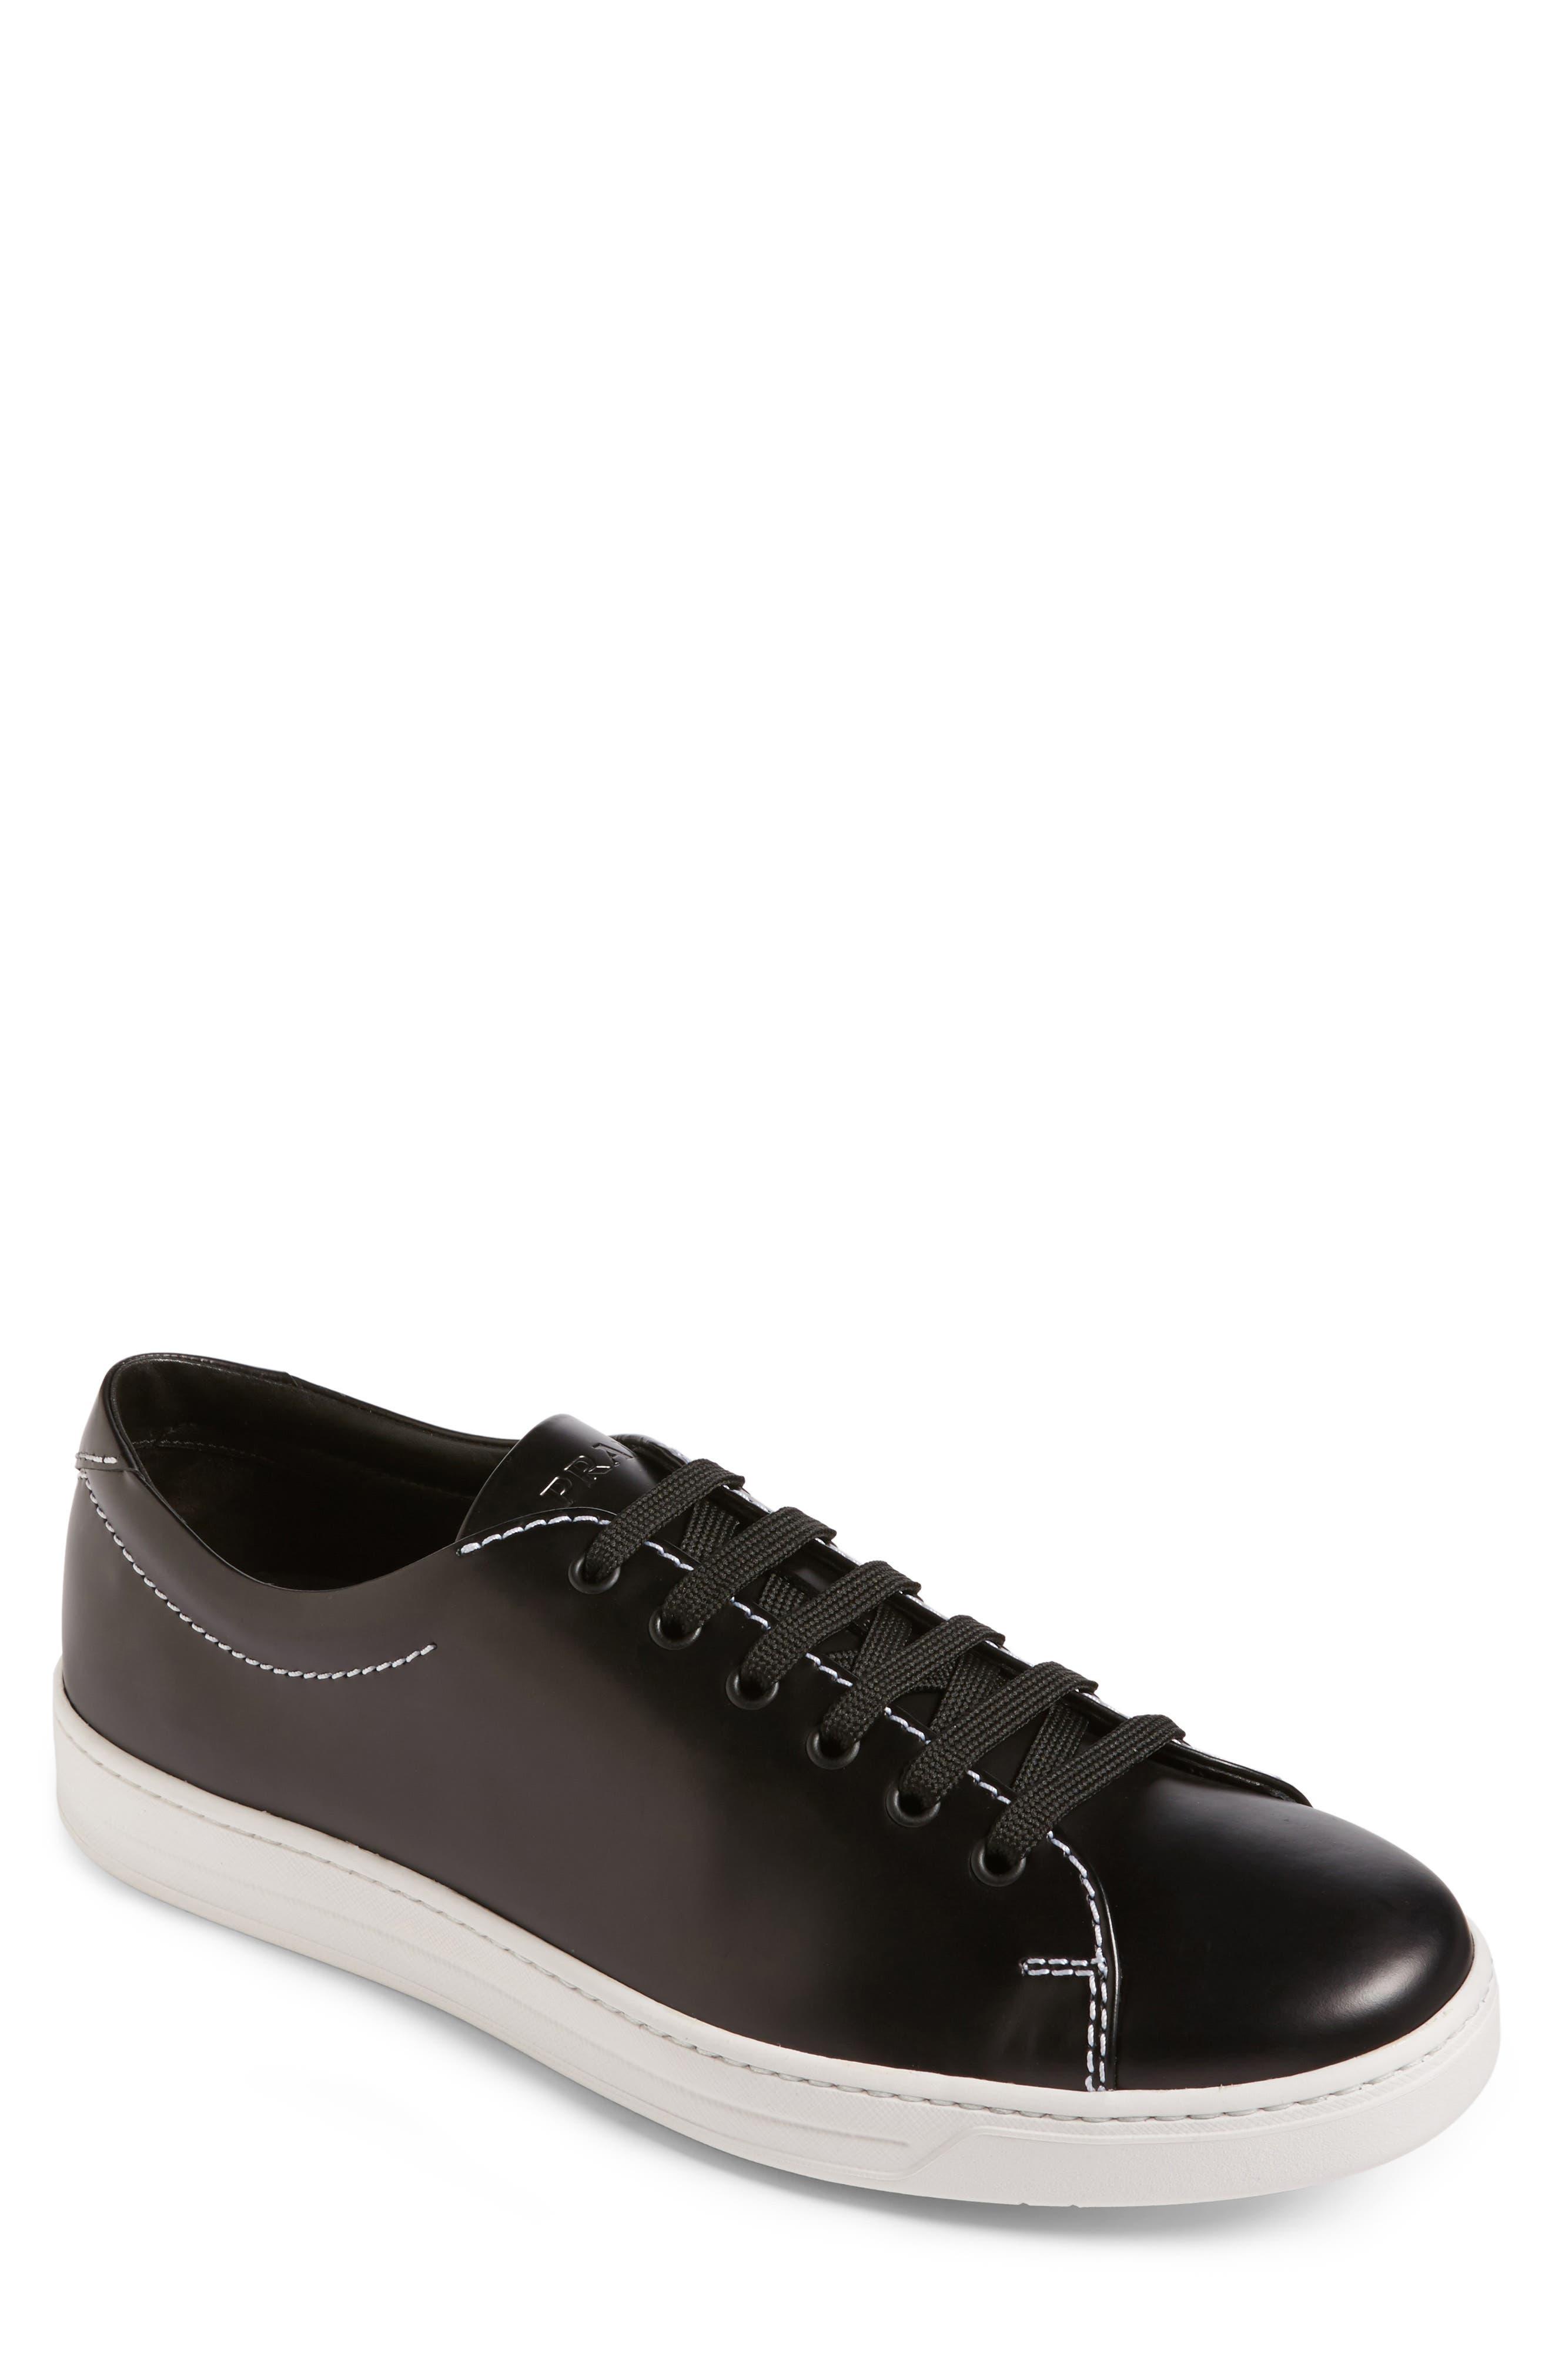 Low Top Sneaker,                             Main thumbnail 1, color,                             008